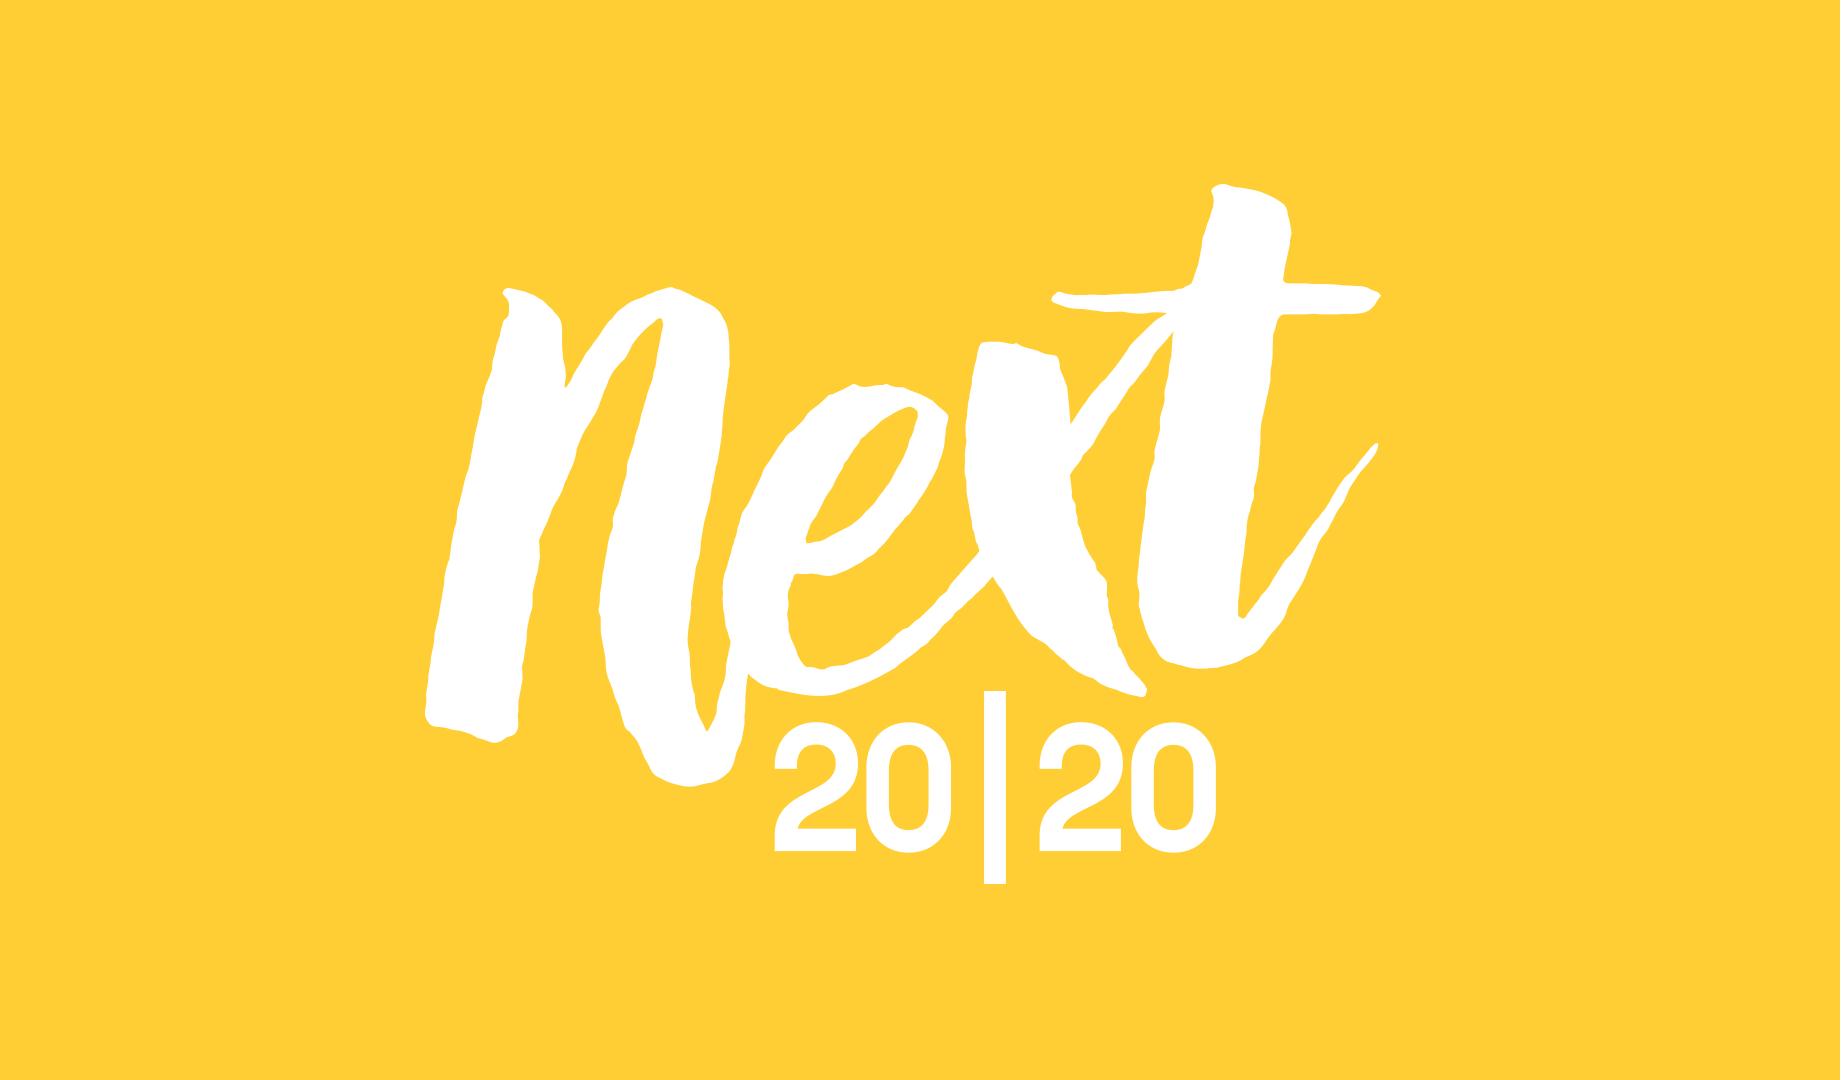 NEXT 2020.png